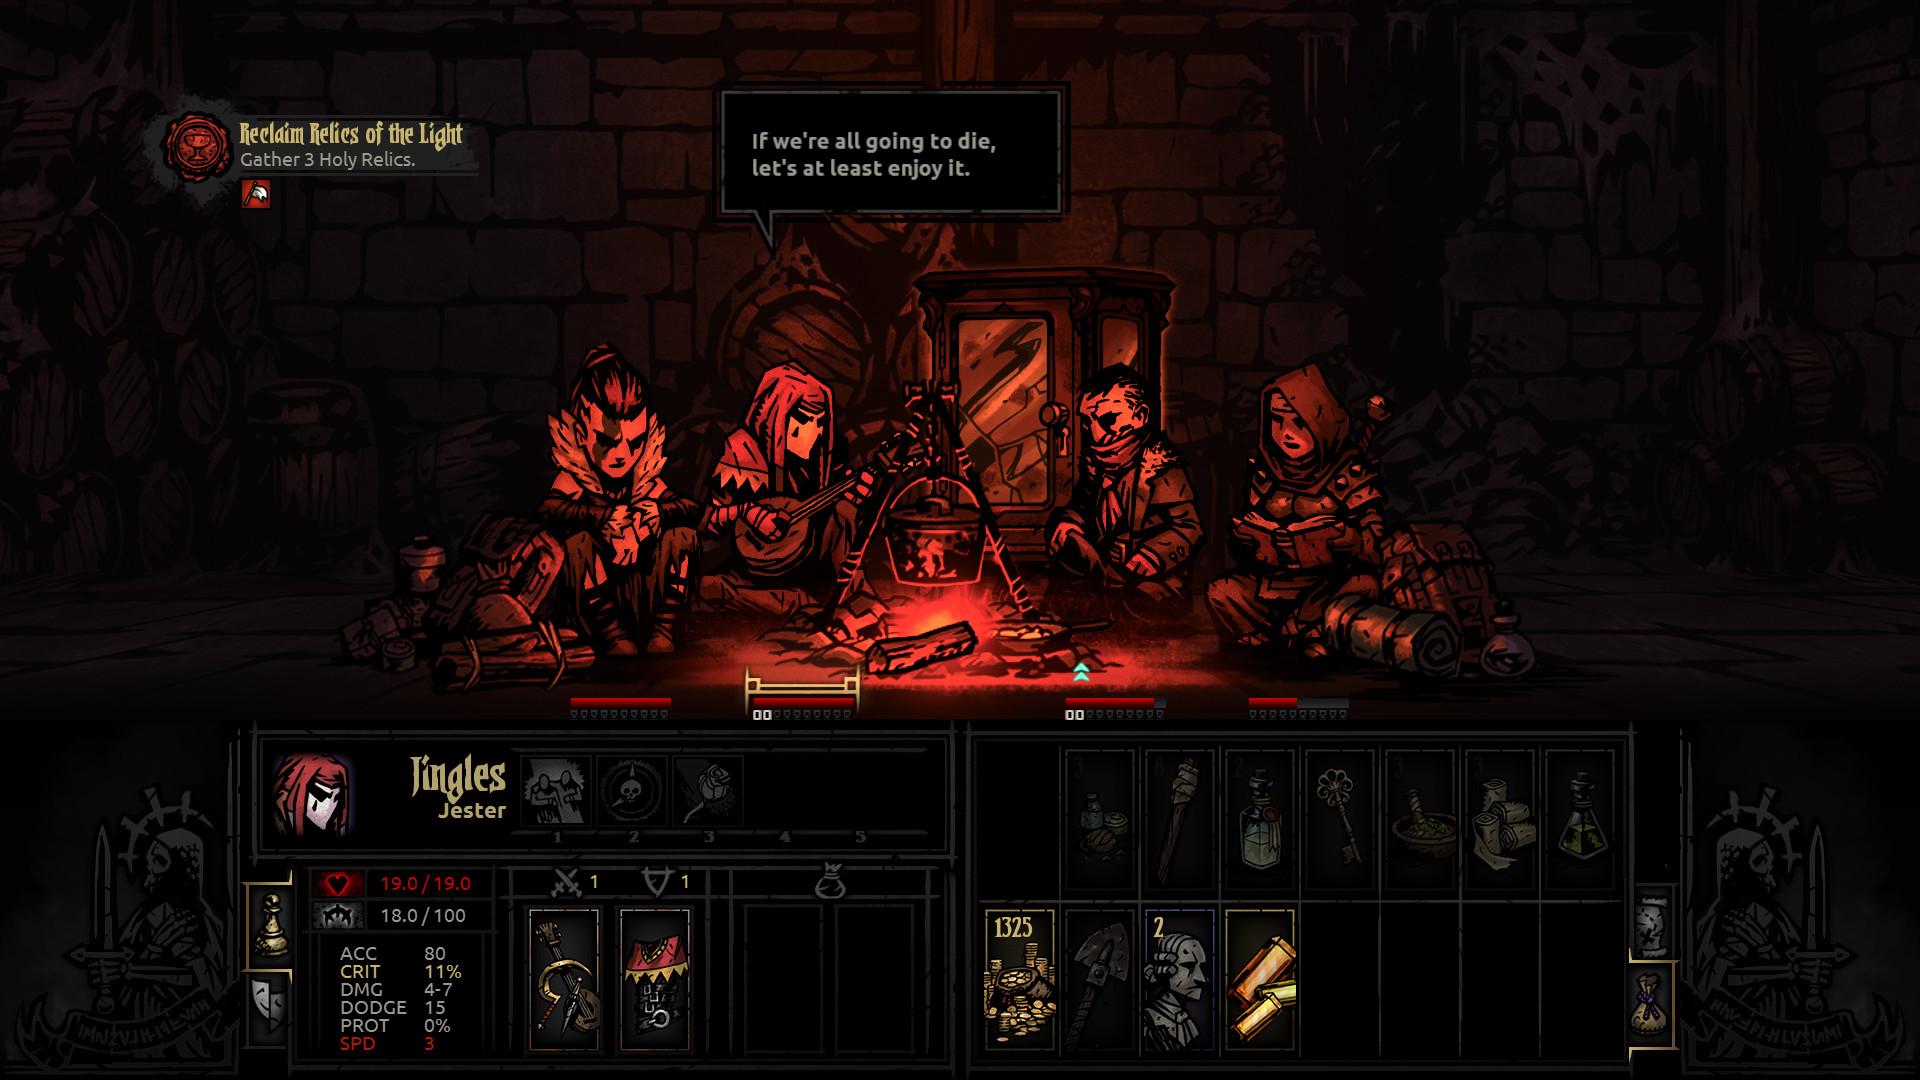 《暗黑地牢》三折起跳,赶紧来试试这款Rougelike神作吧 新游酱每日游戏推荐